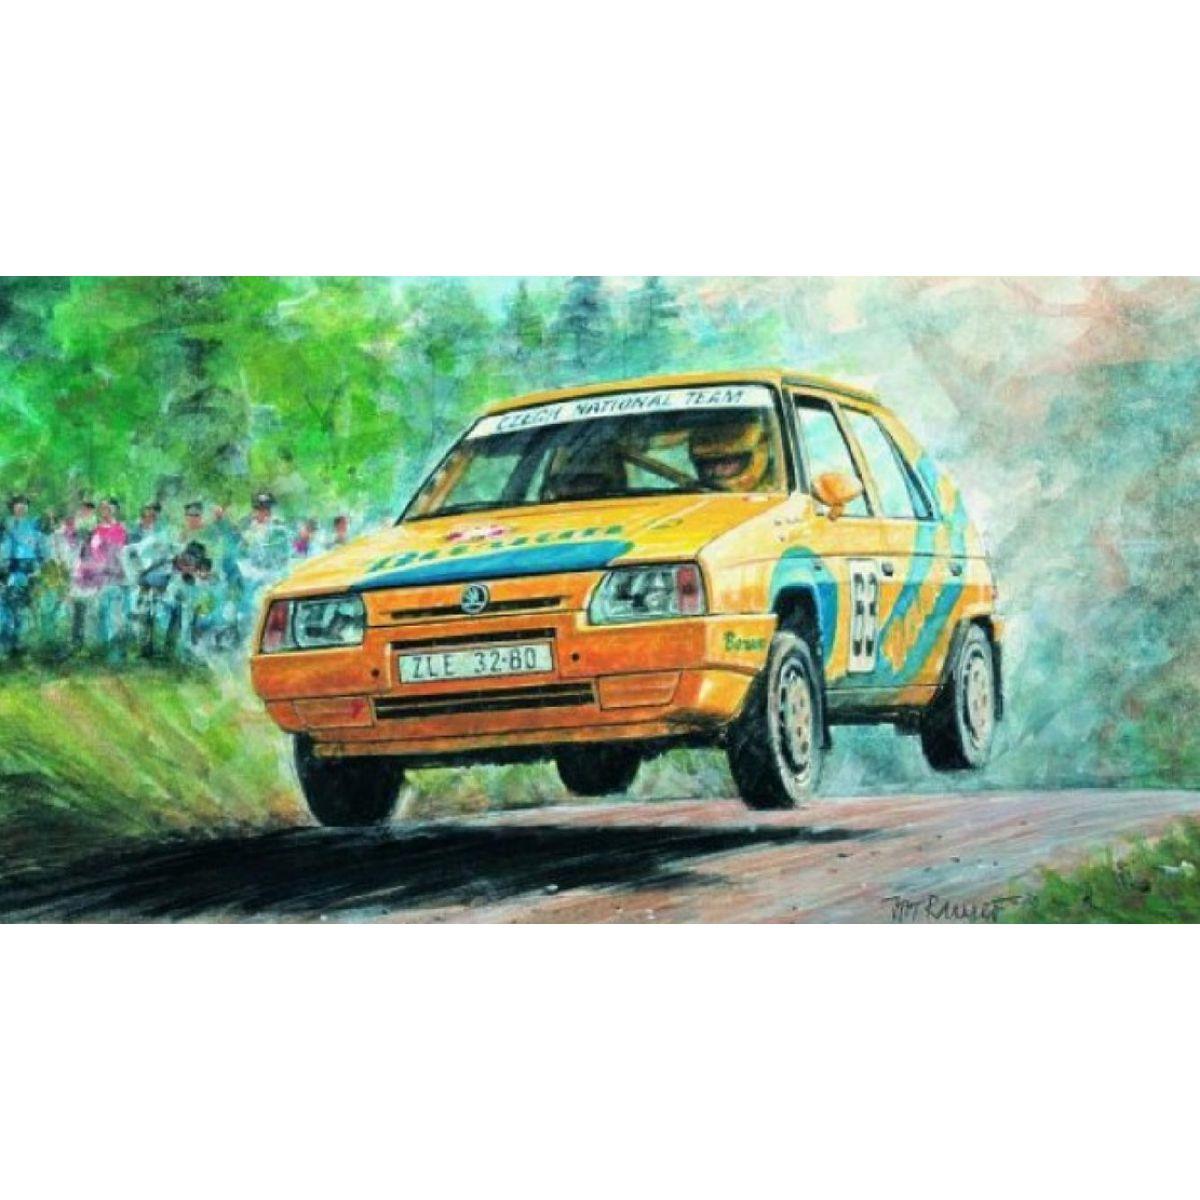 Směr Škoda Favorit rallye 96 1:28